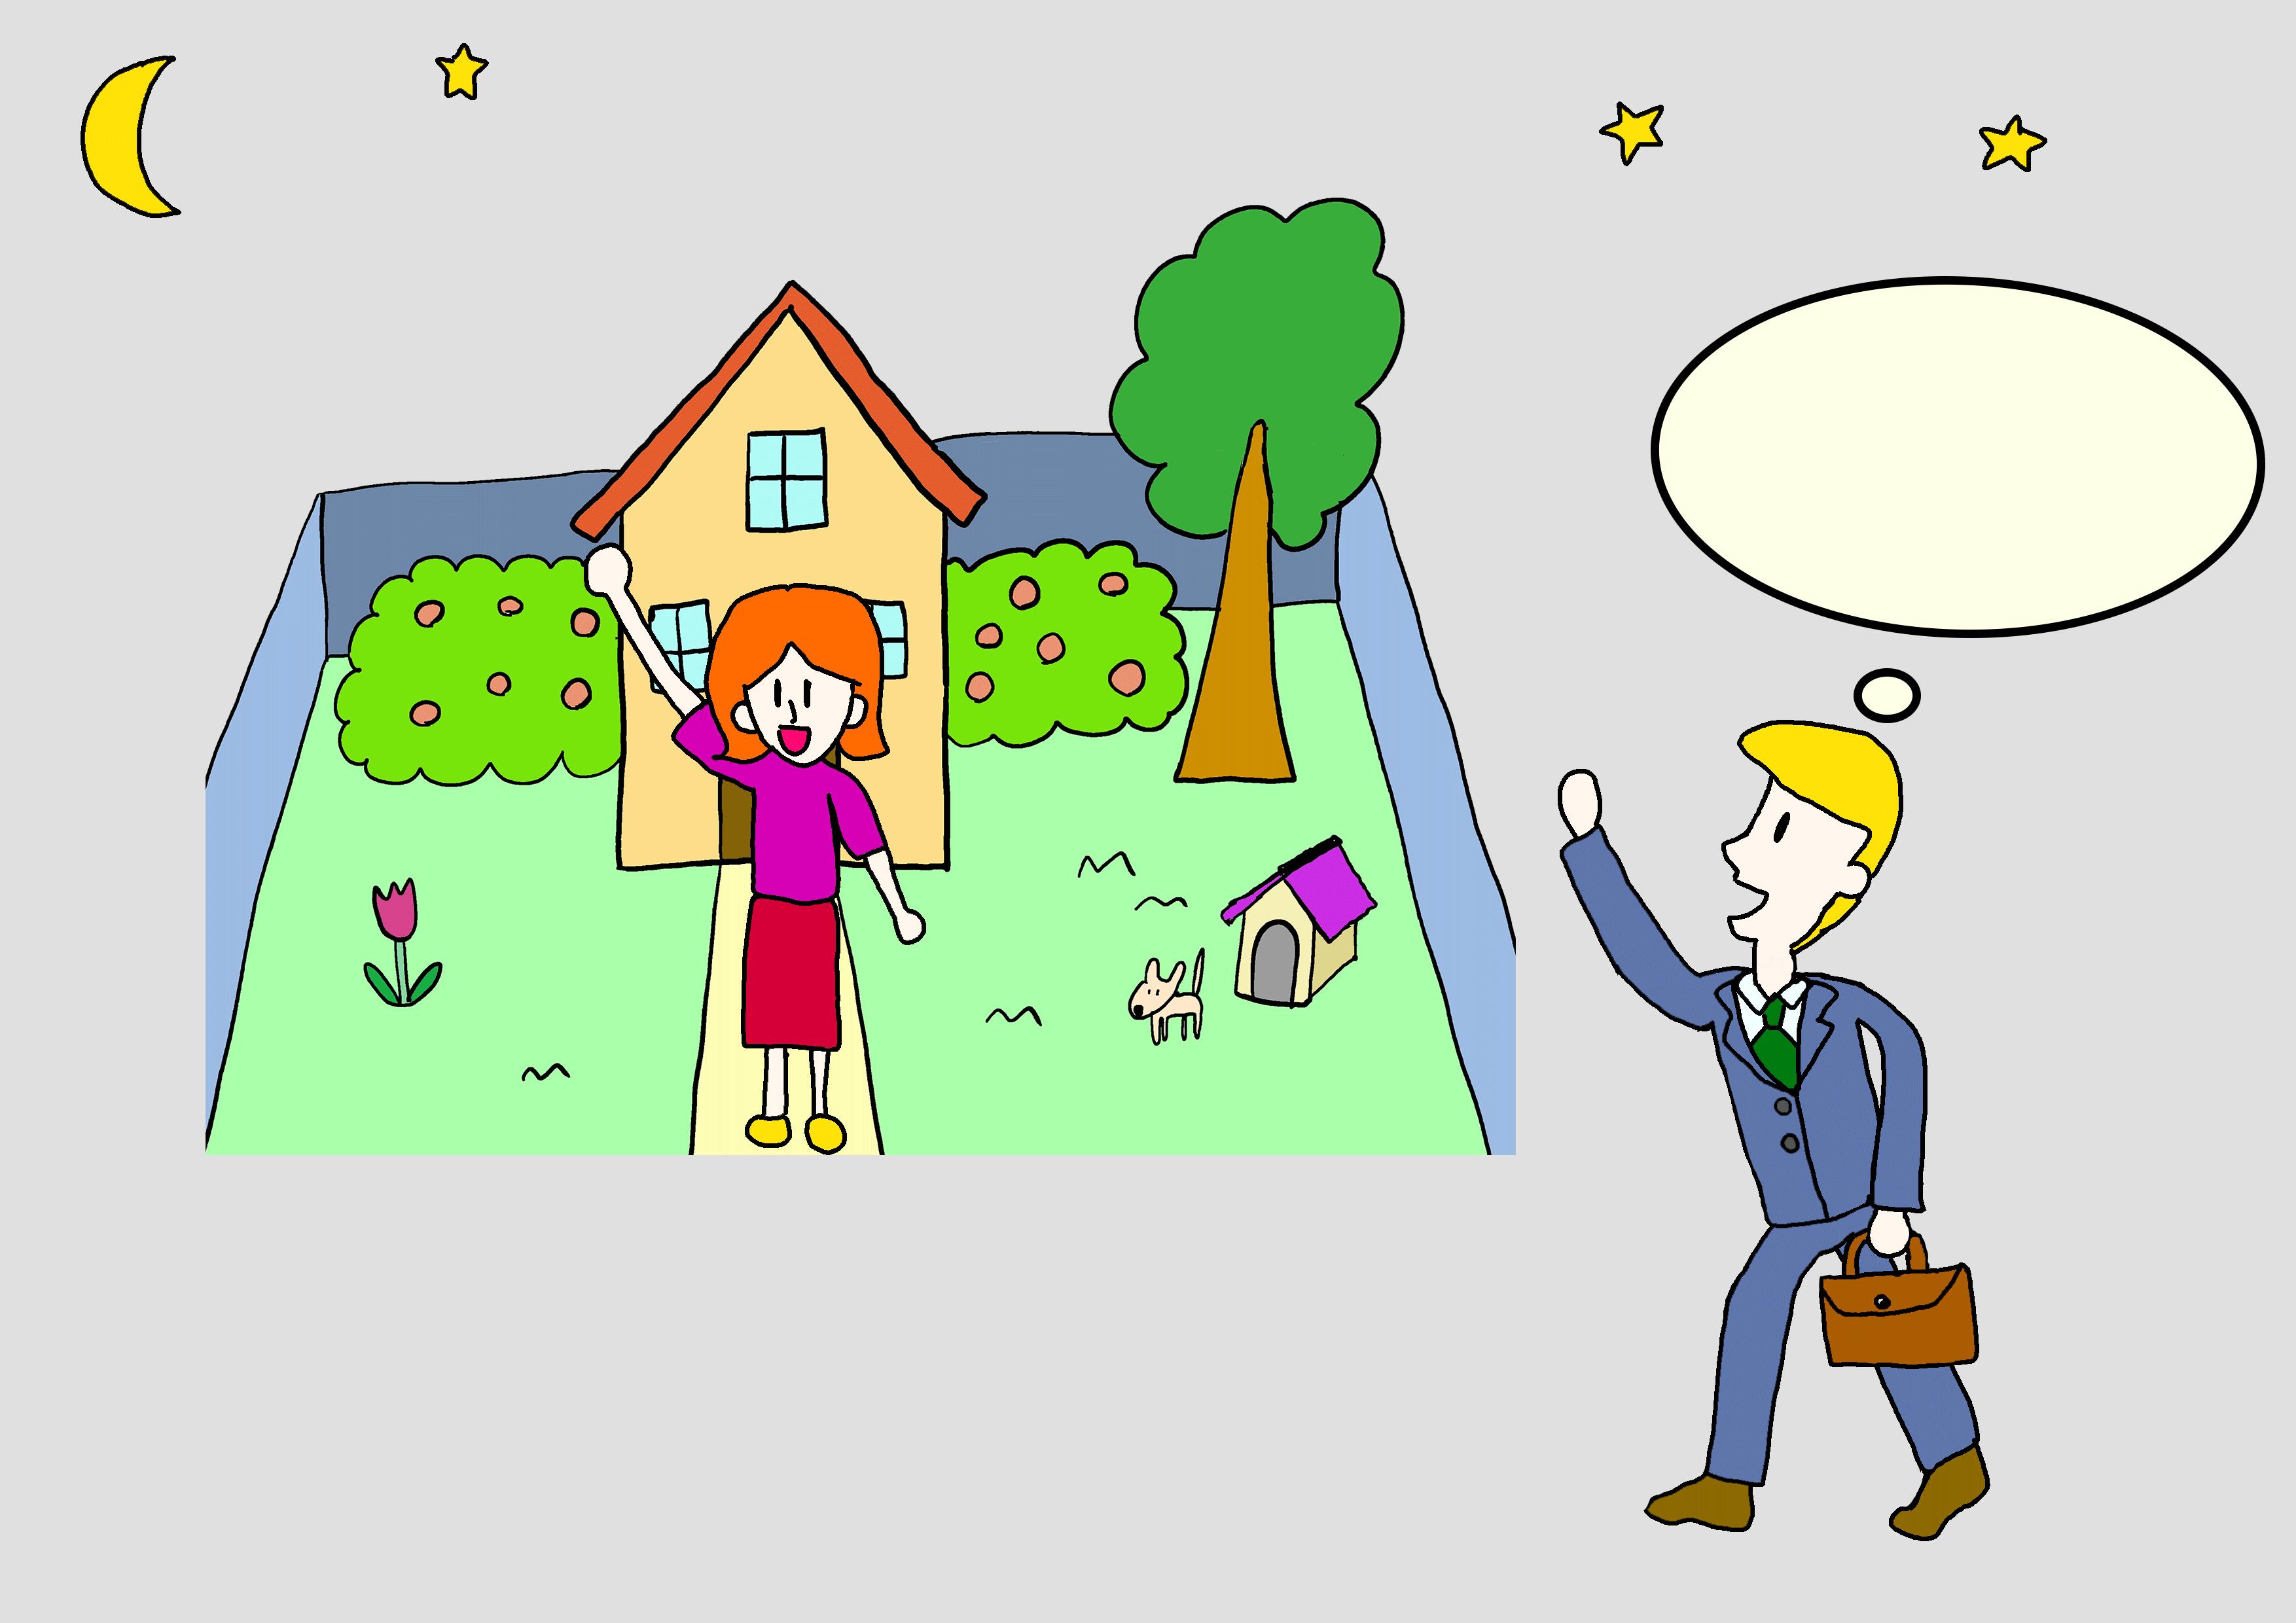 イラスト23課【ただいま】